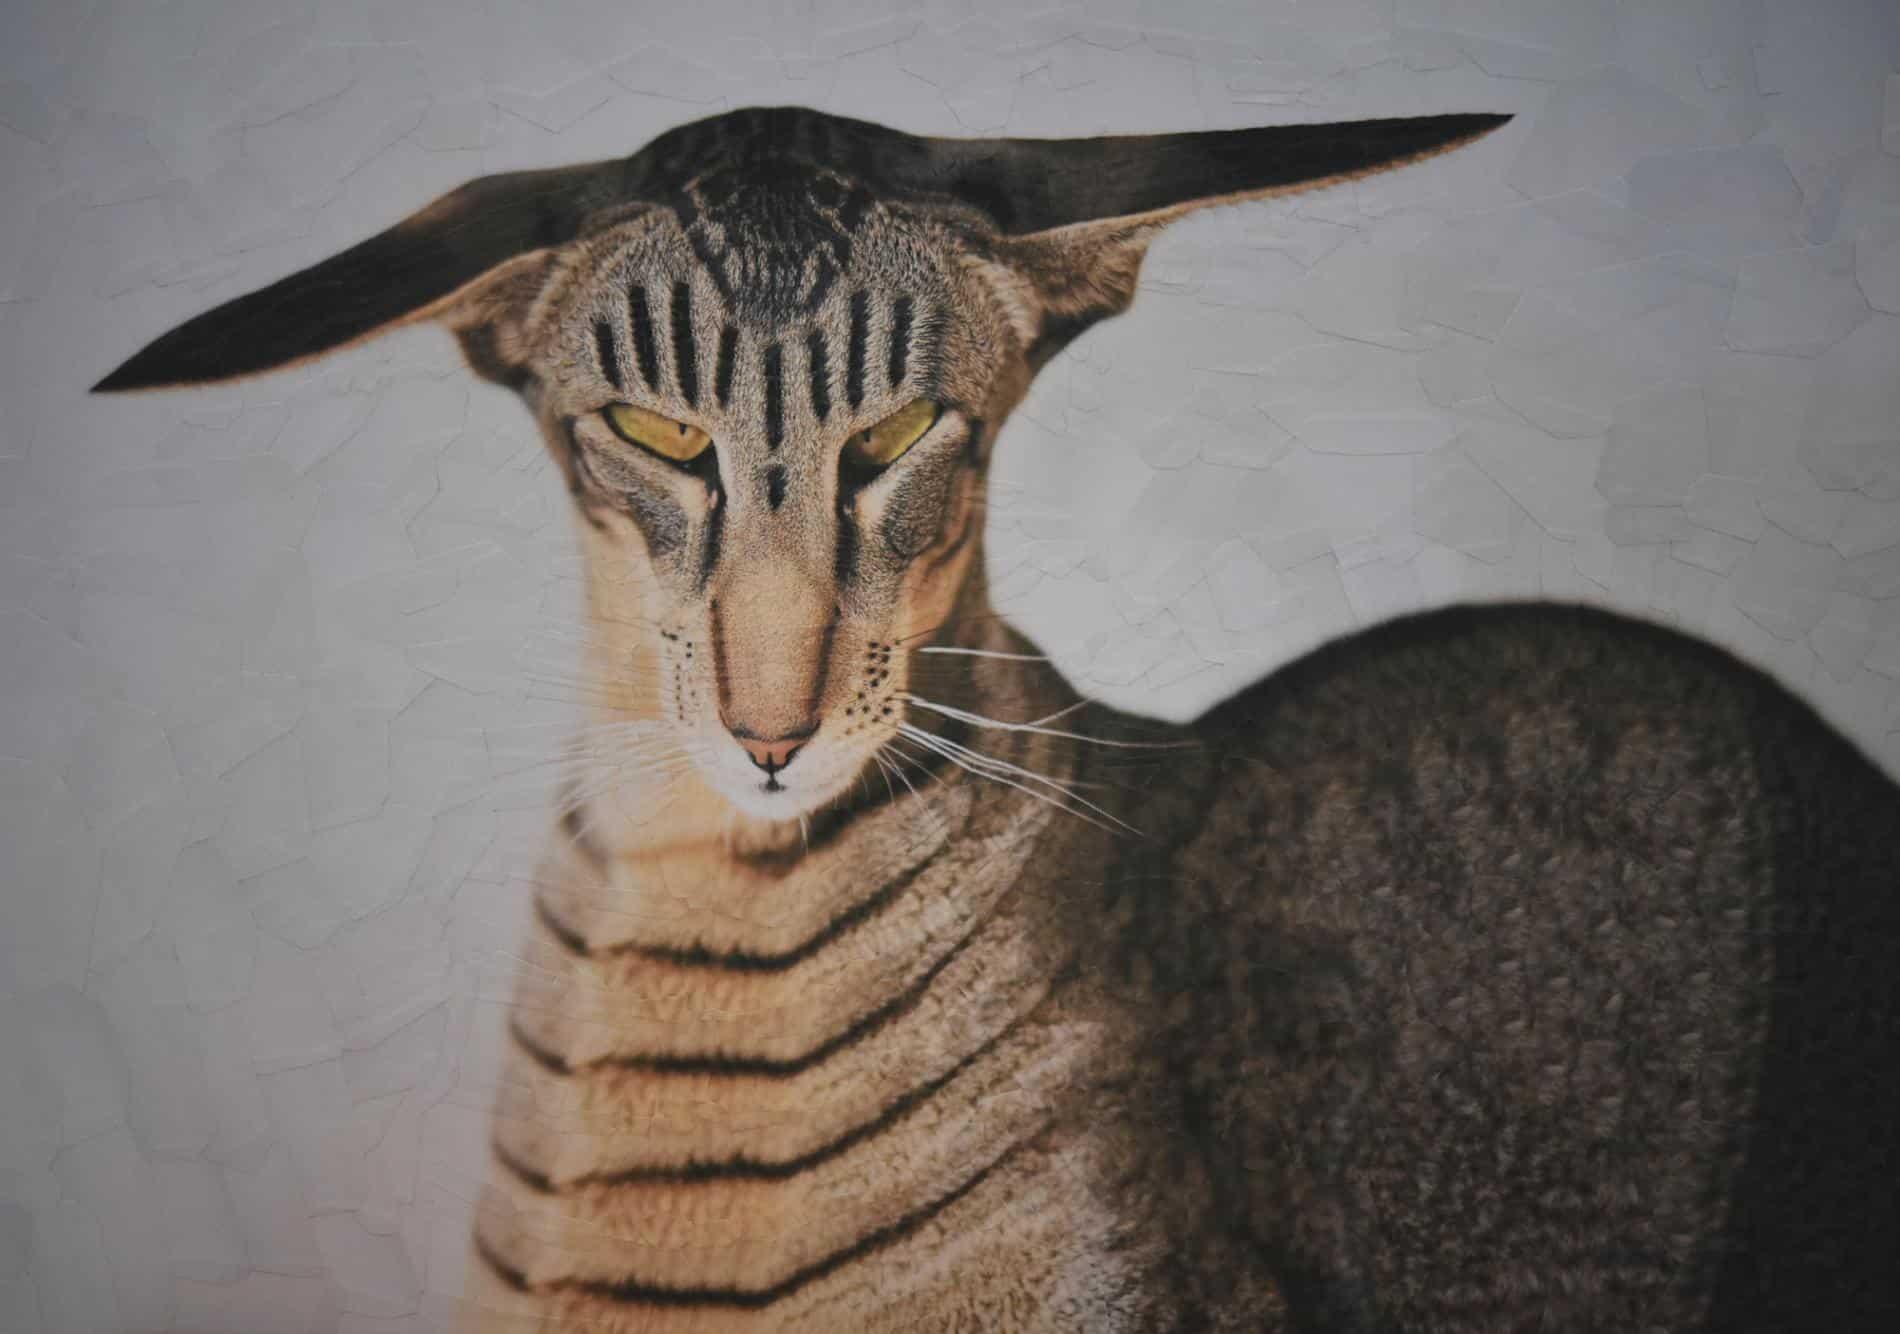 lola dupre otro gato collage